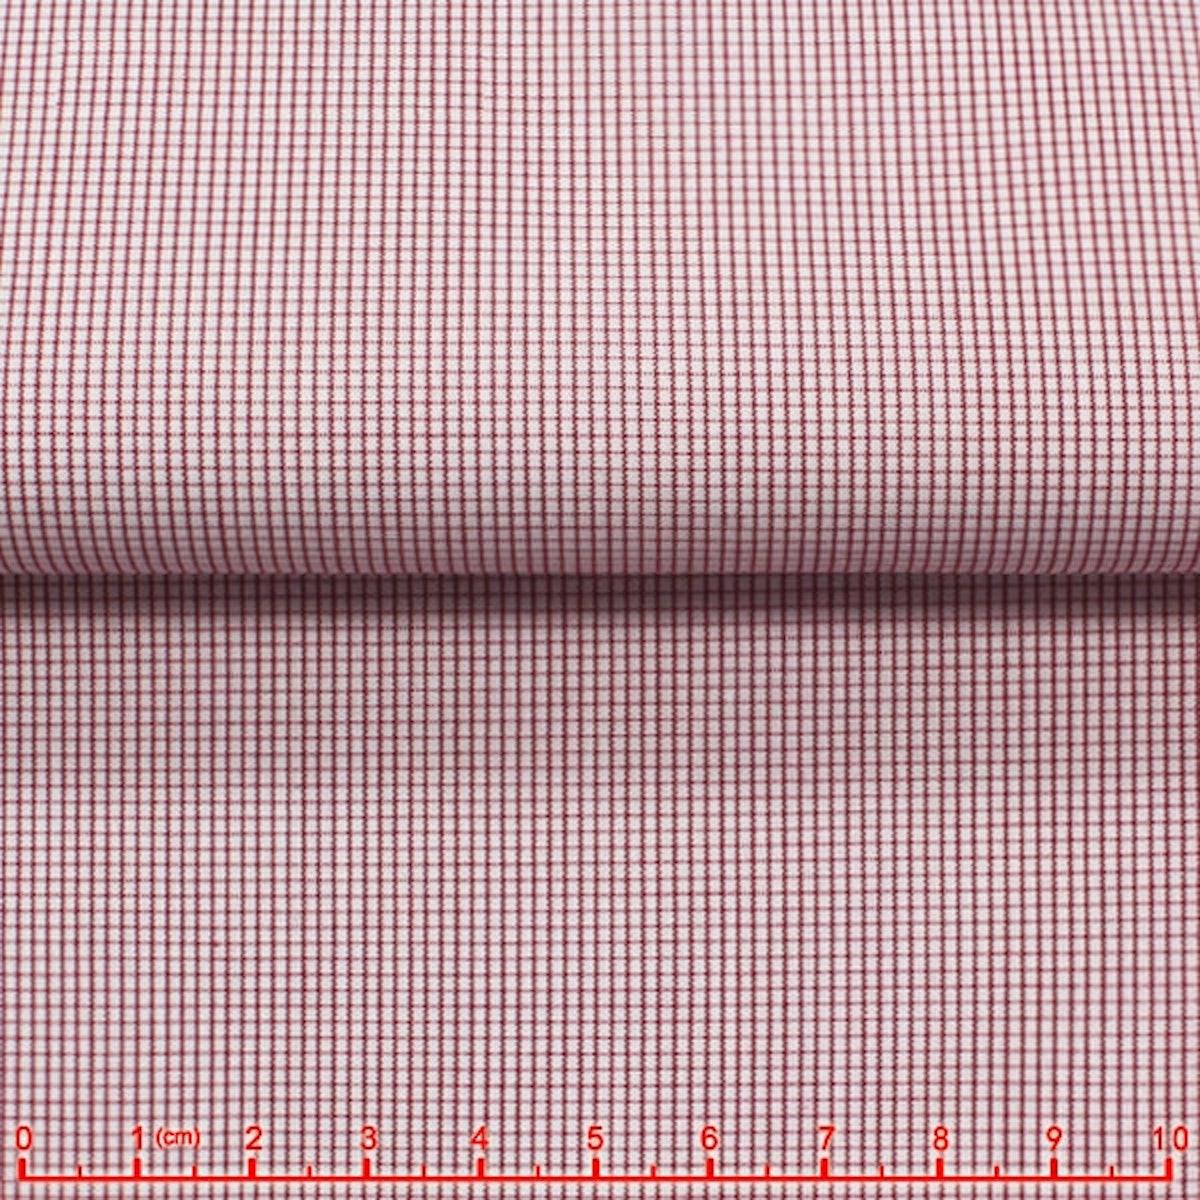 InStitchu Shirt Fabric 238